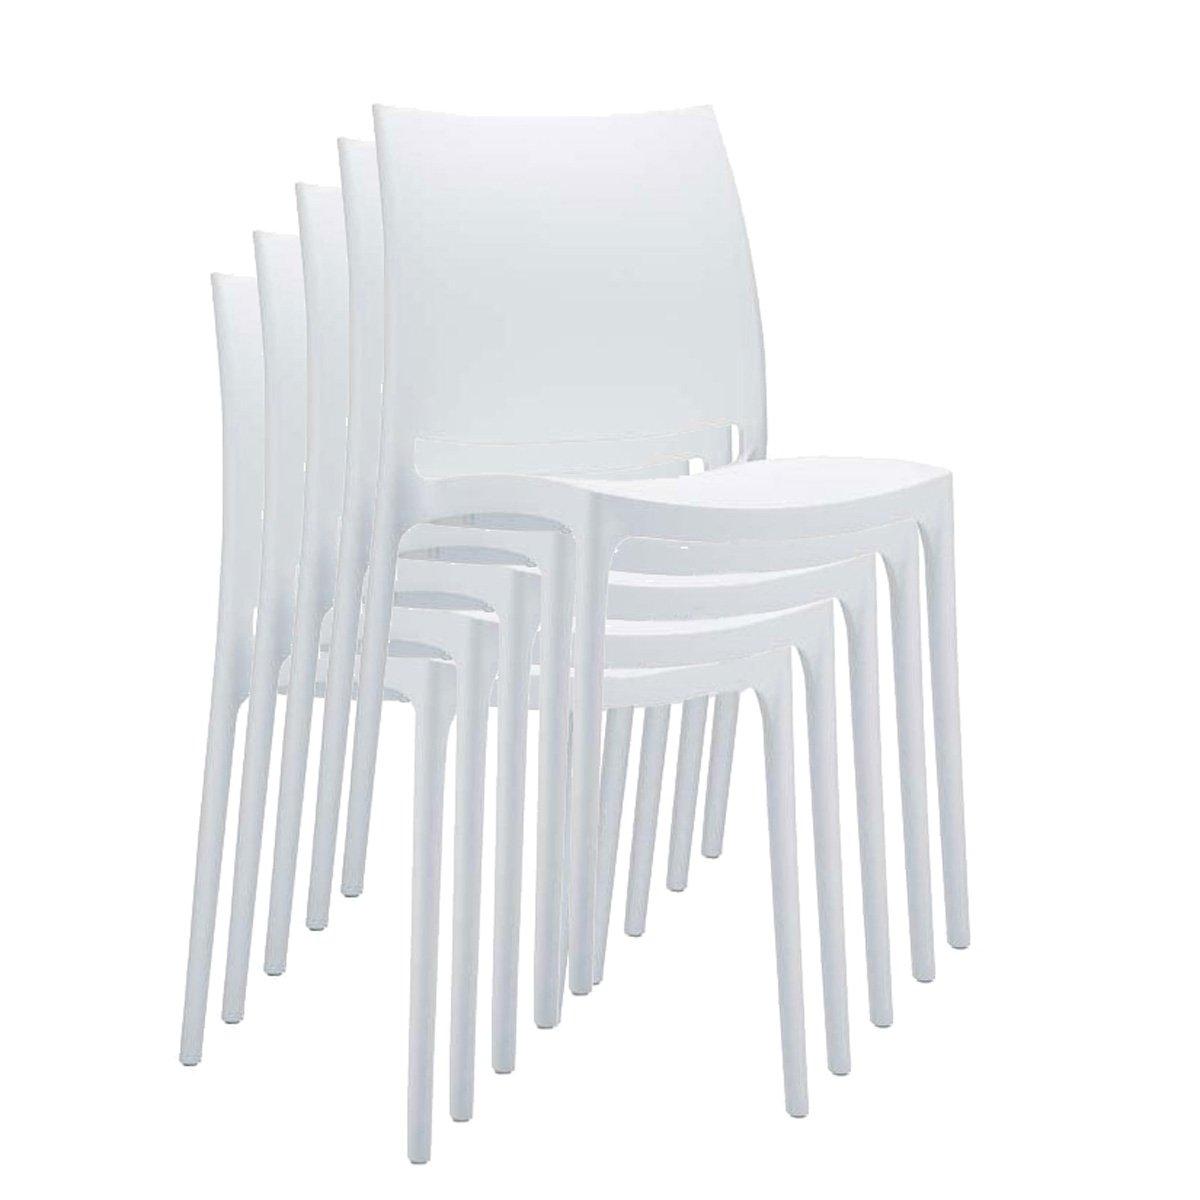 Silla de jard n apilable c44 en pl stico blanco silla for Sillas de jardin de plastico